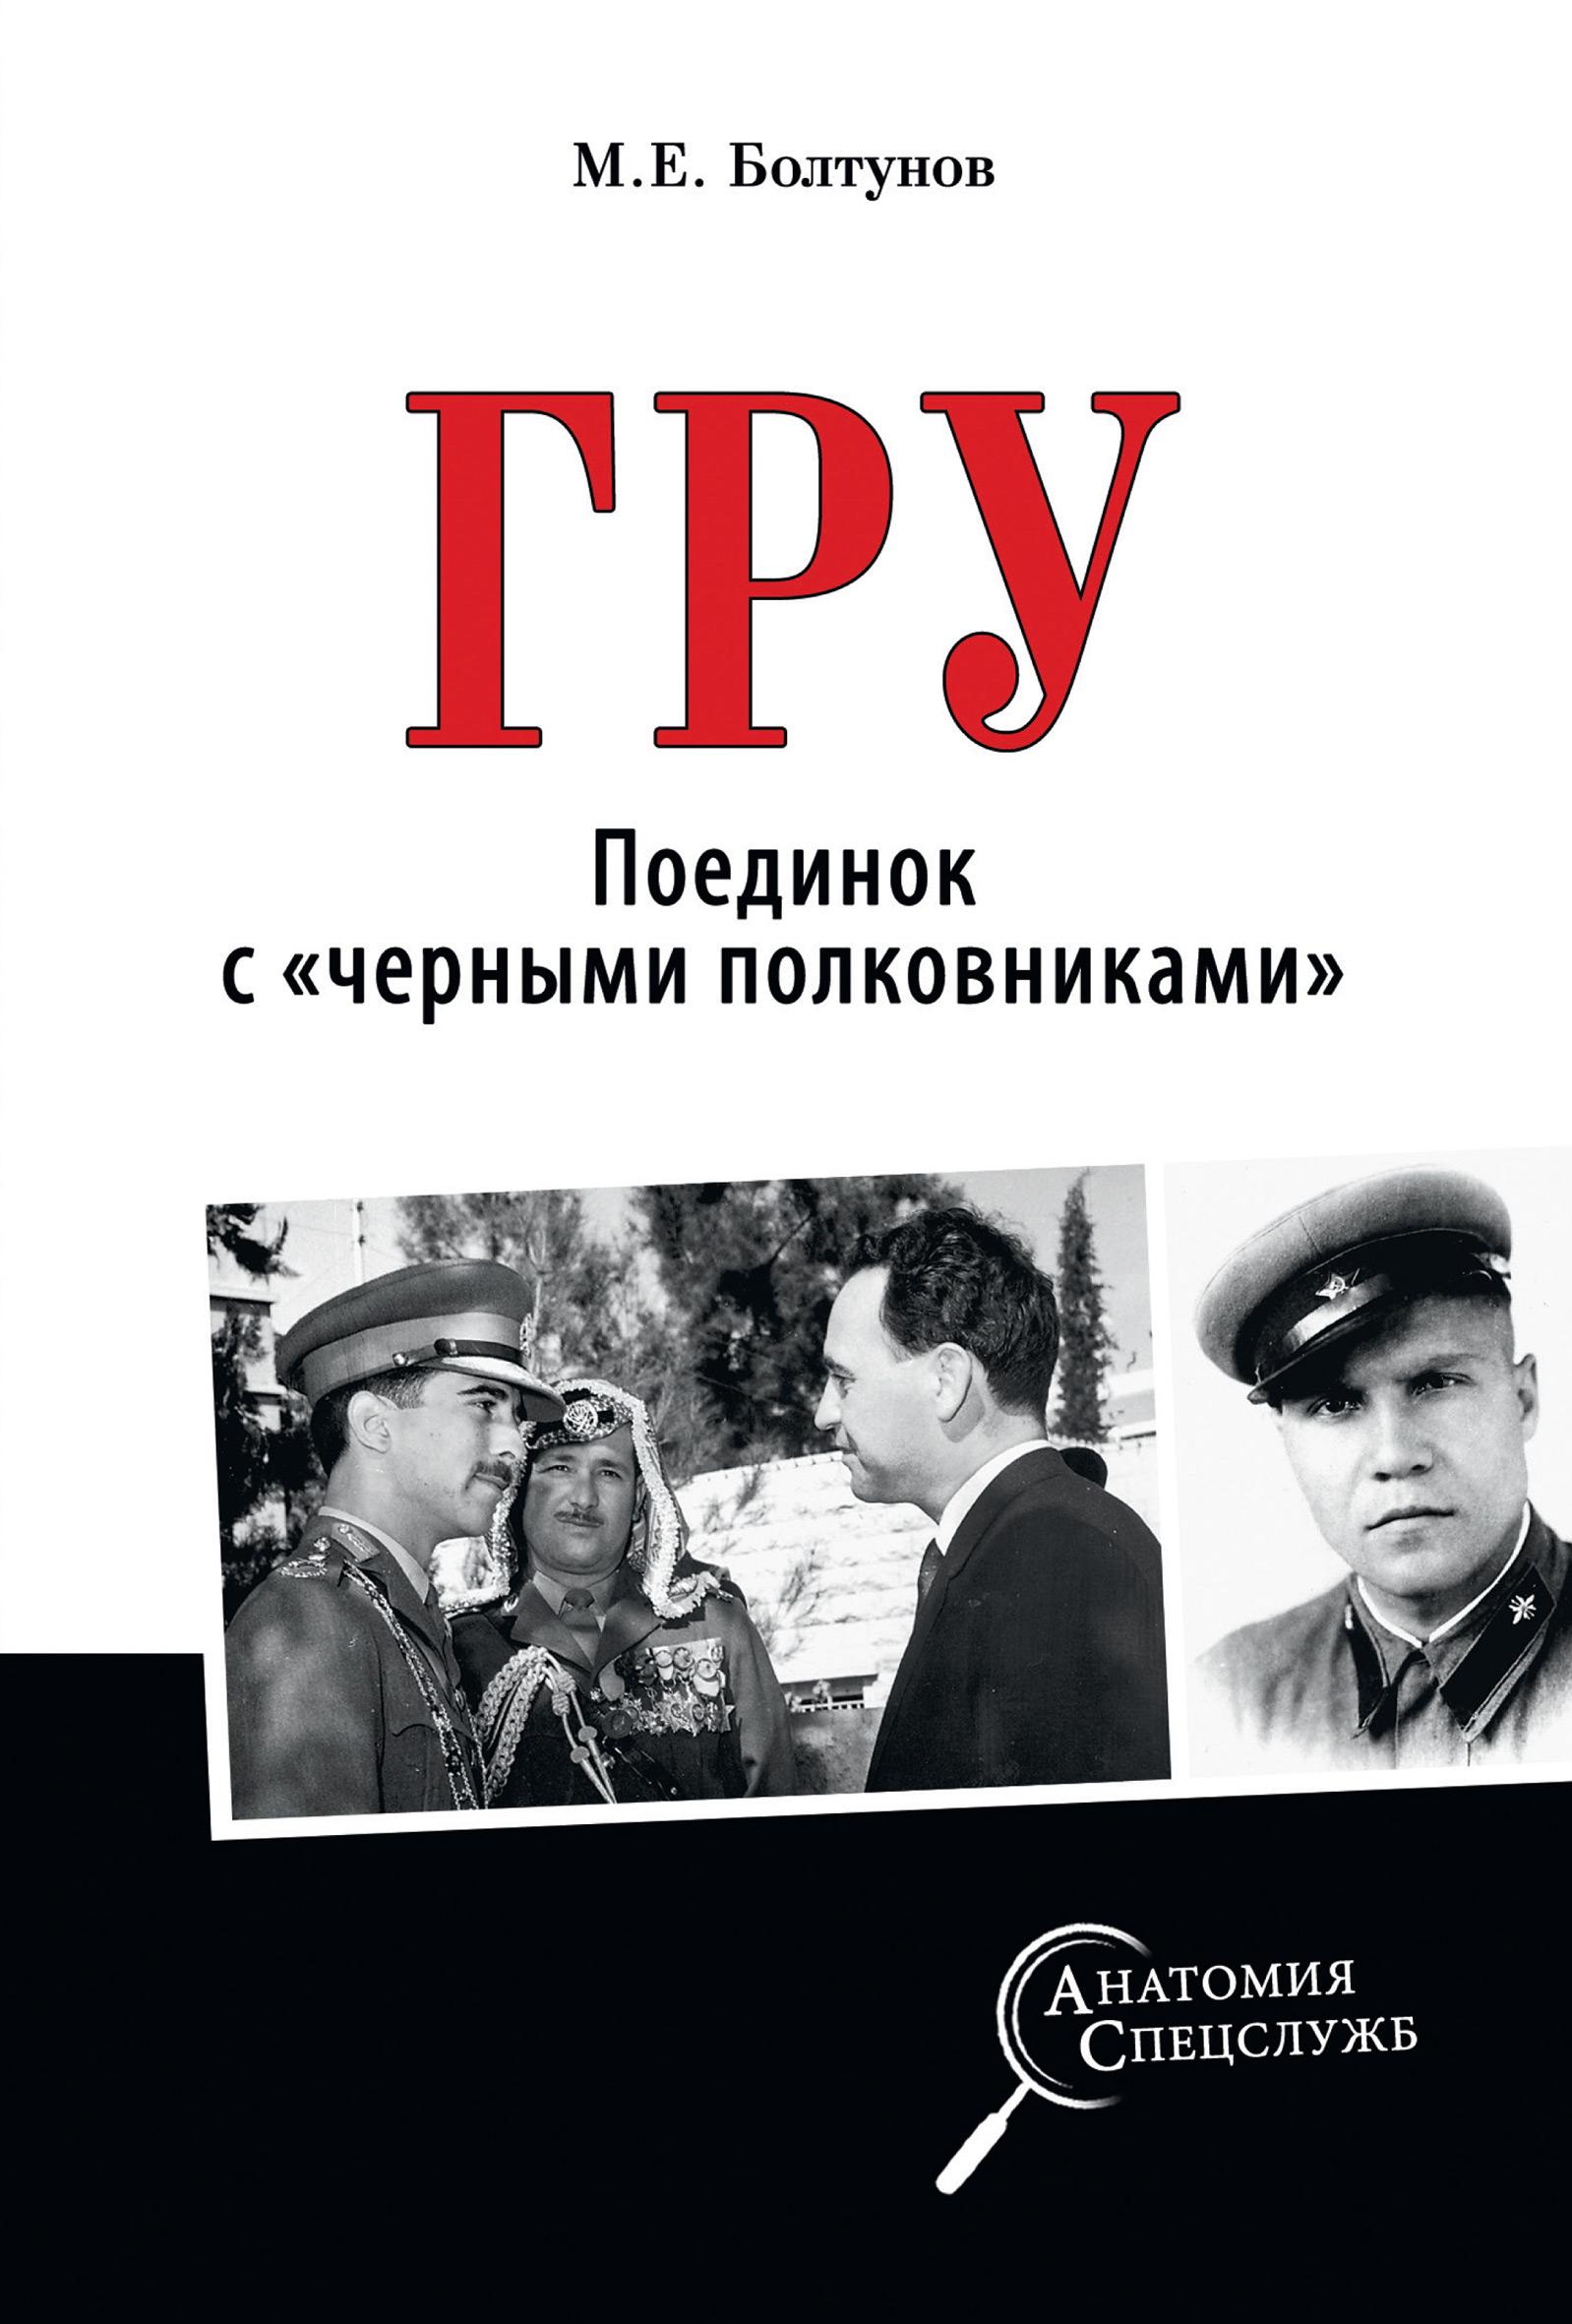 Михаил Болтунов ГРУ. Поединок с «черными полковниками»